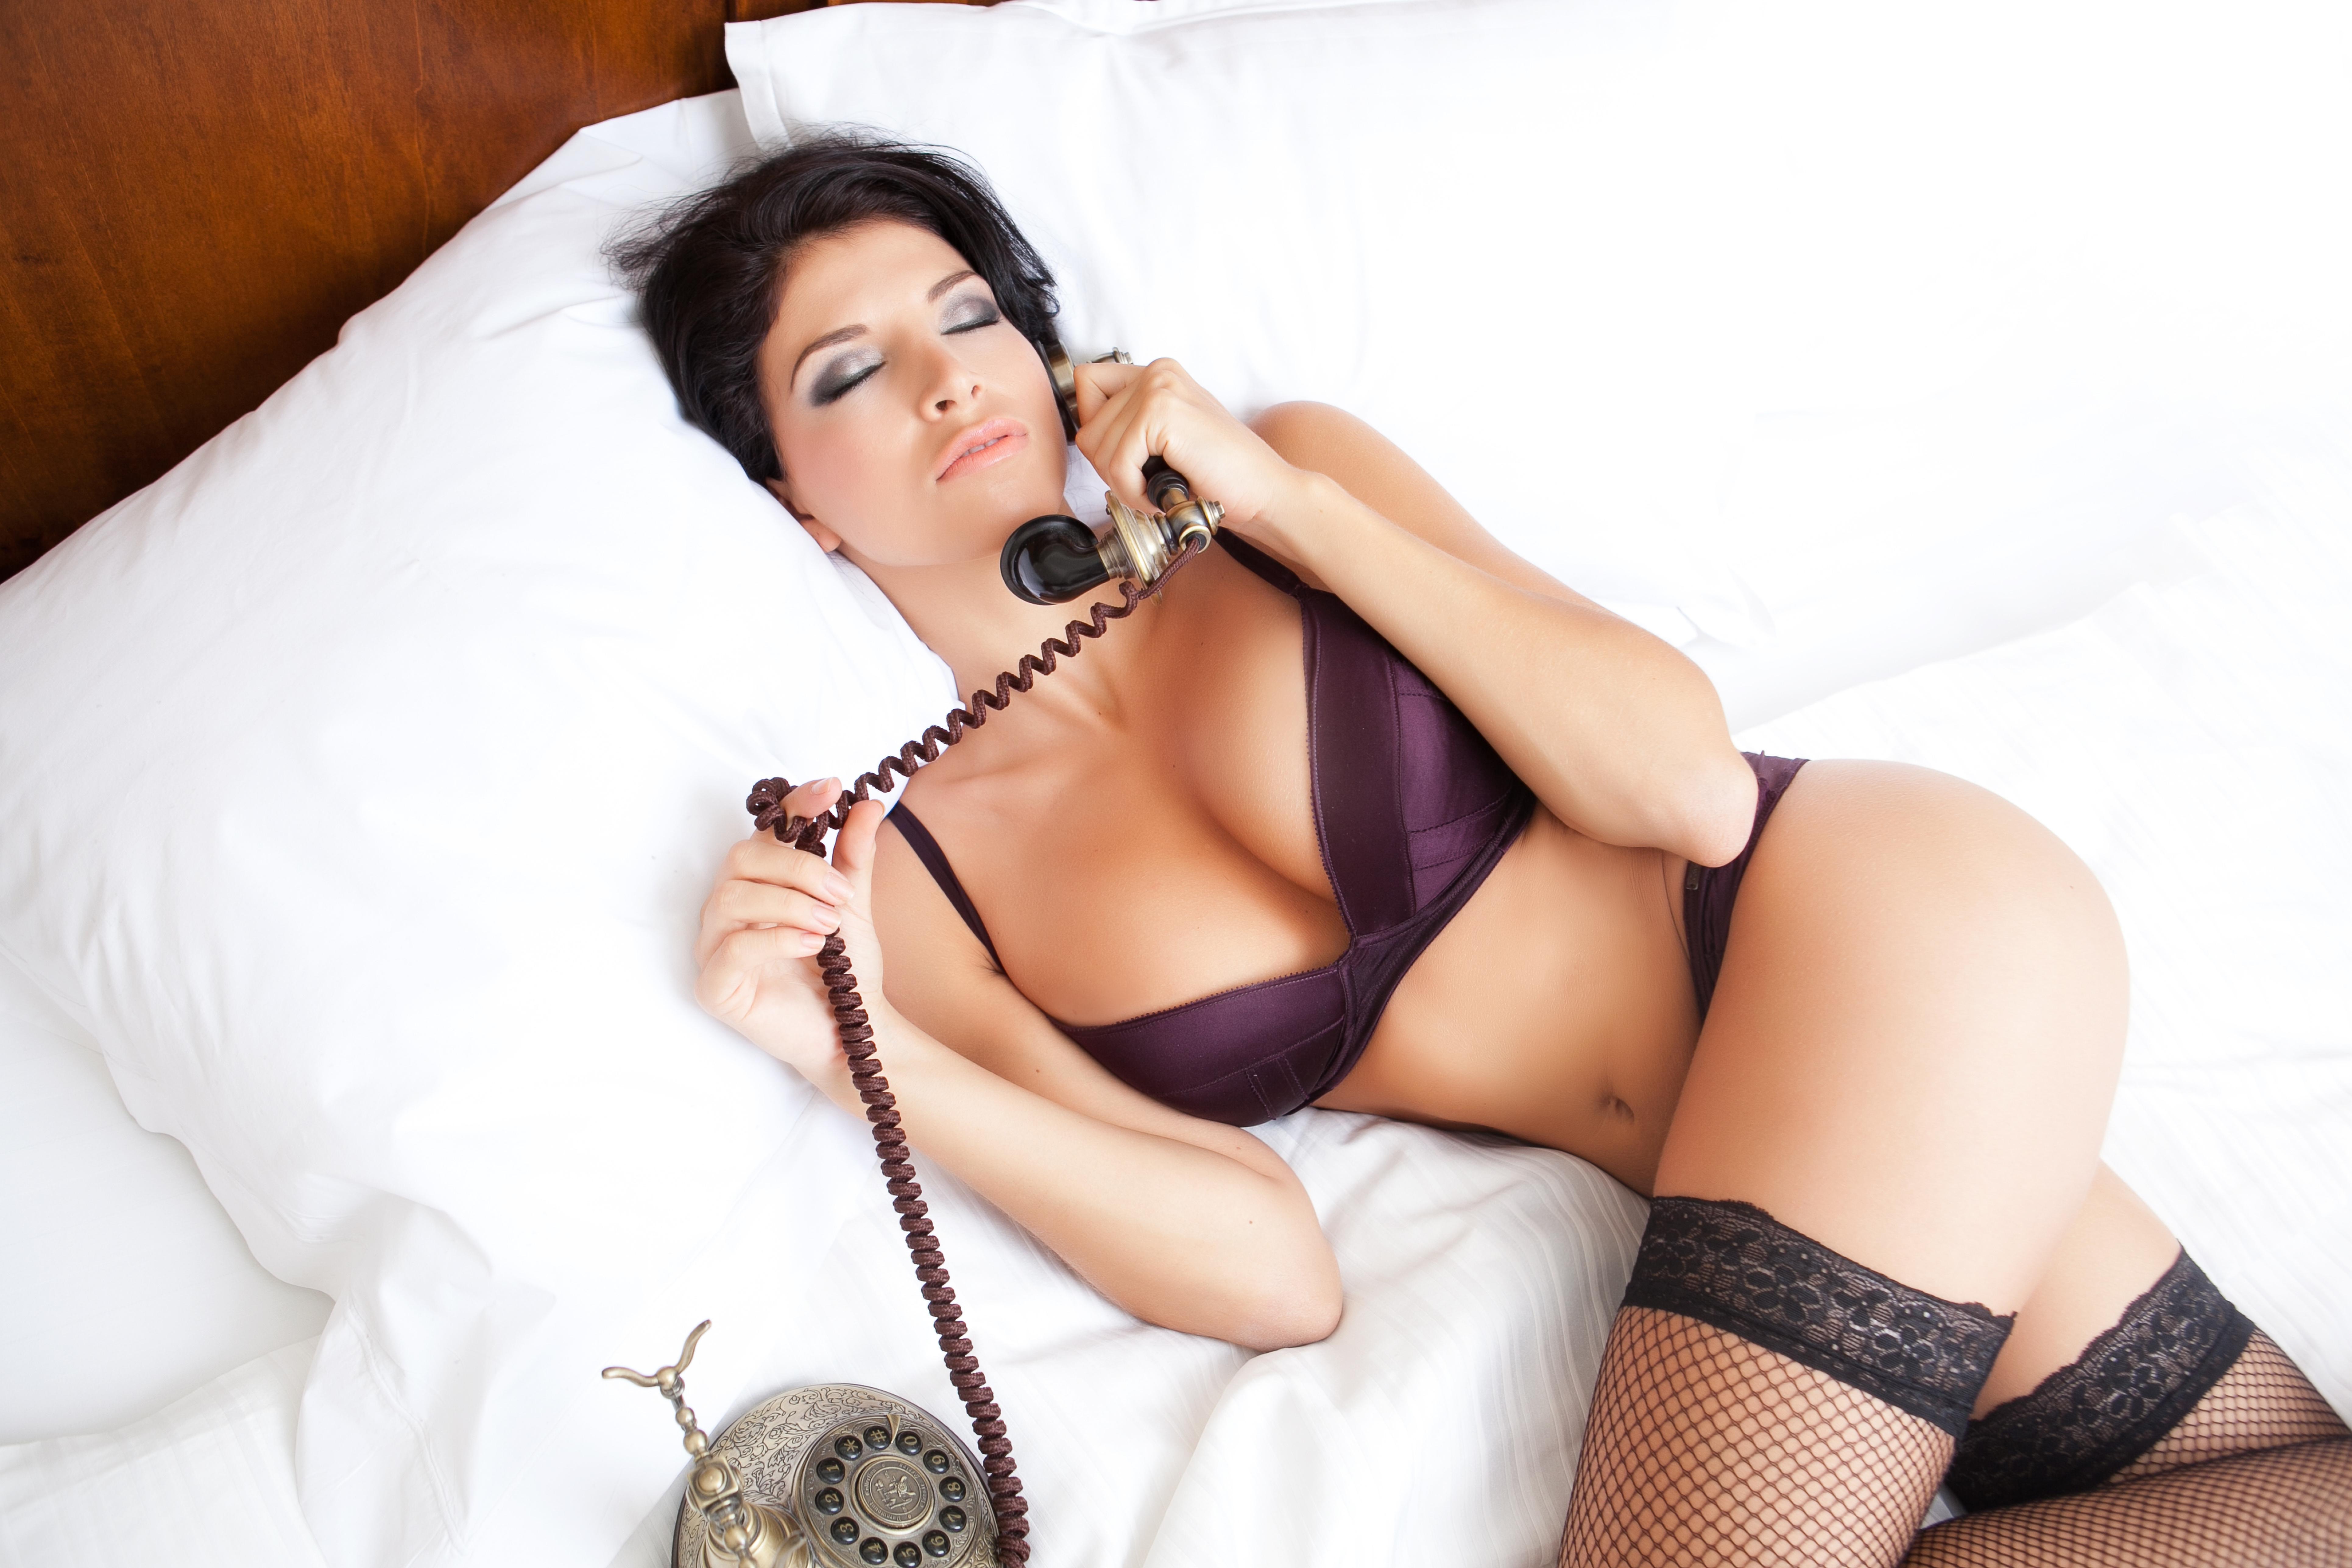 Hot phone sex jamie